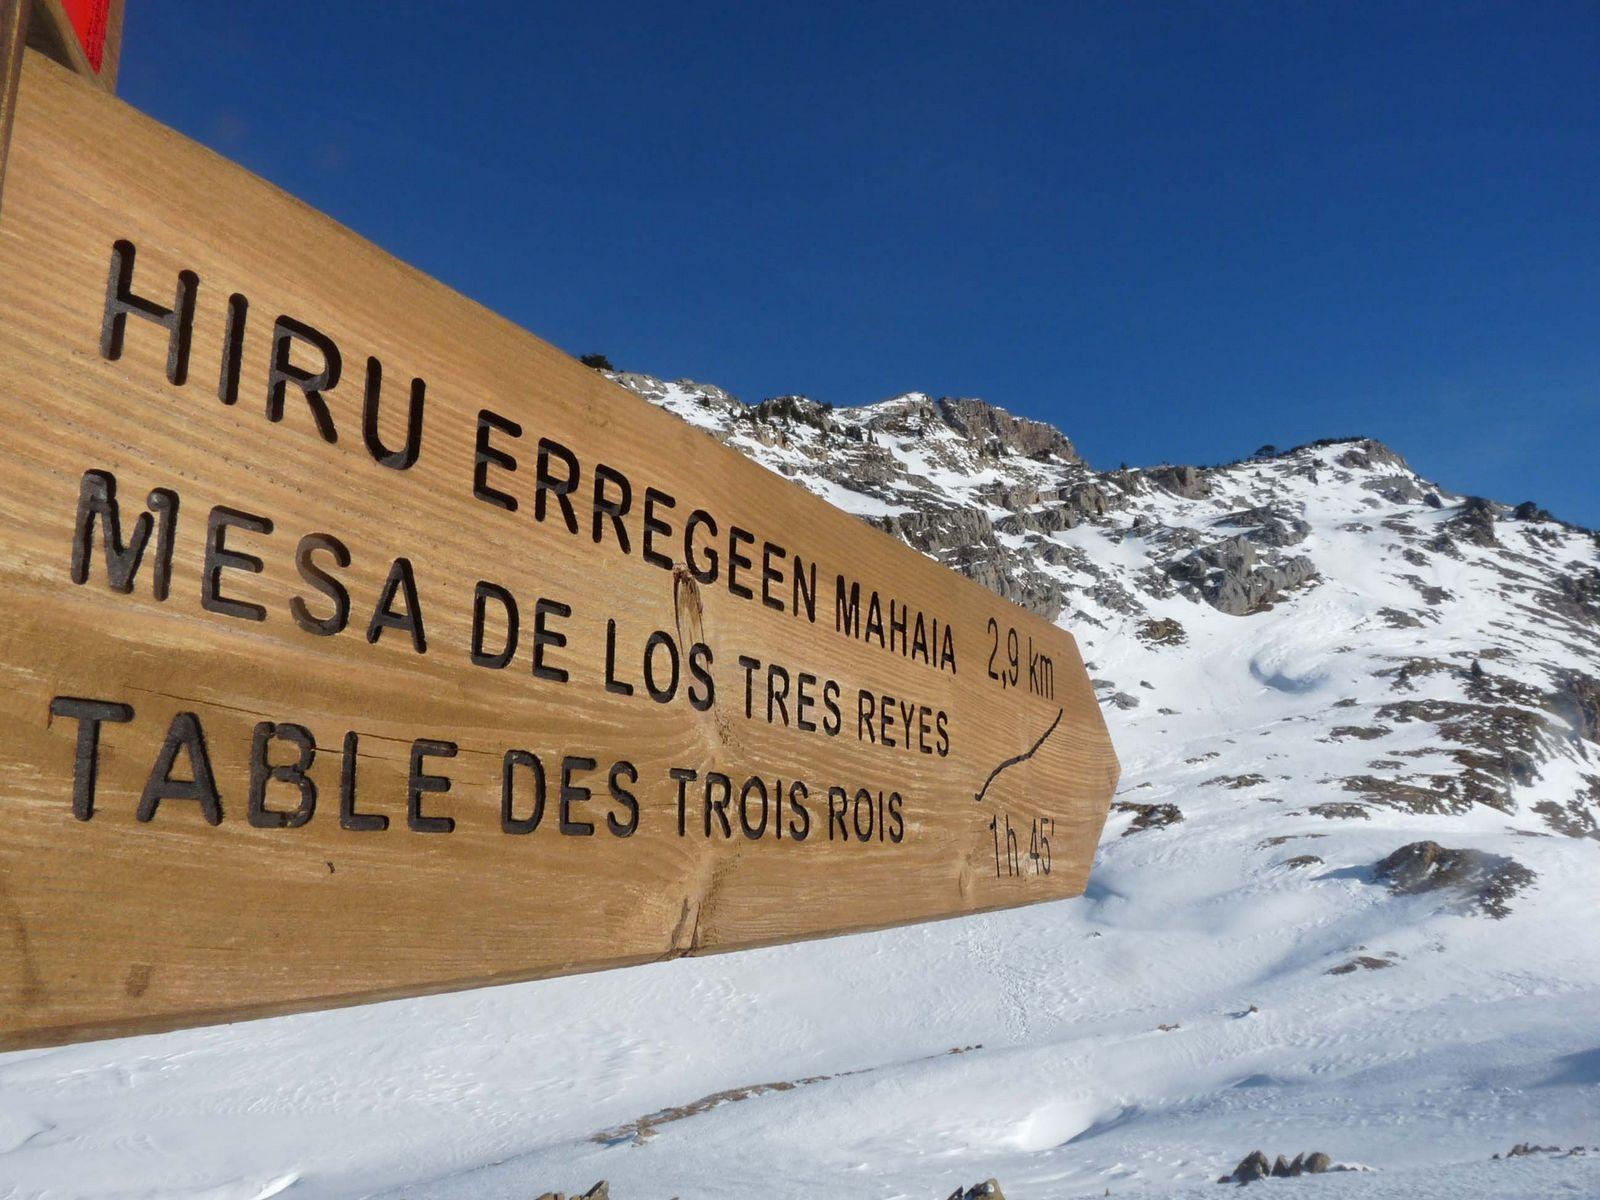 Ascensiones con raquetas en el Pirineo. Mesa de los Tres Reyes, Mallo d´Acherito y Punta Alto de lo Foratón